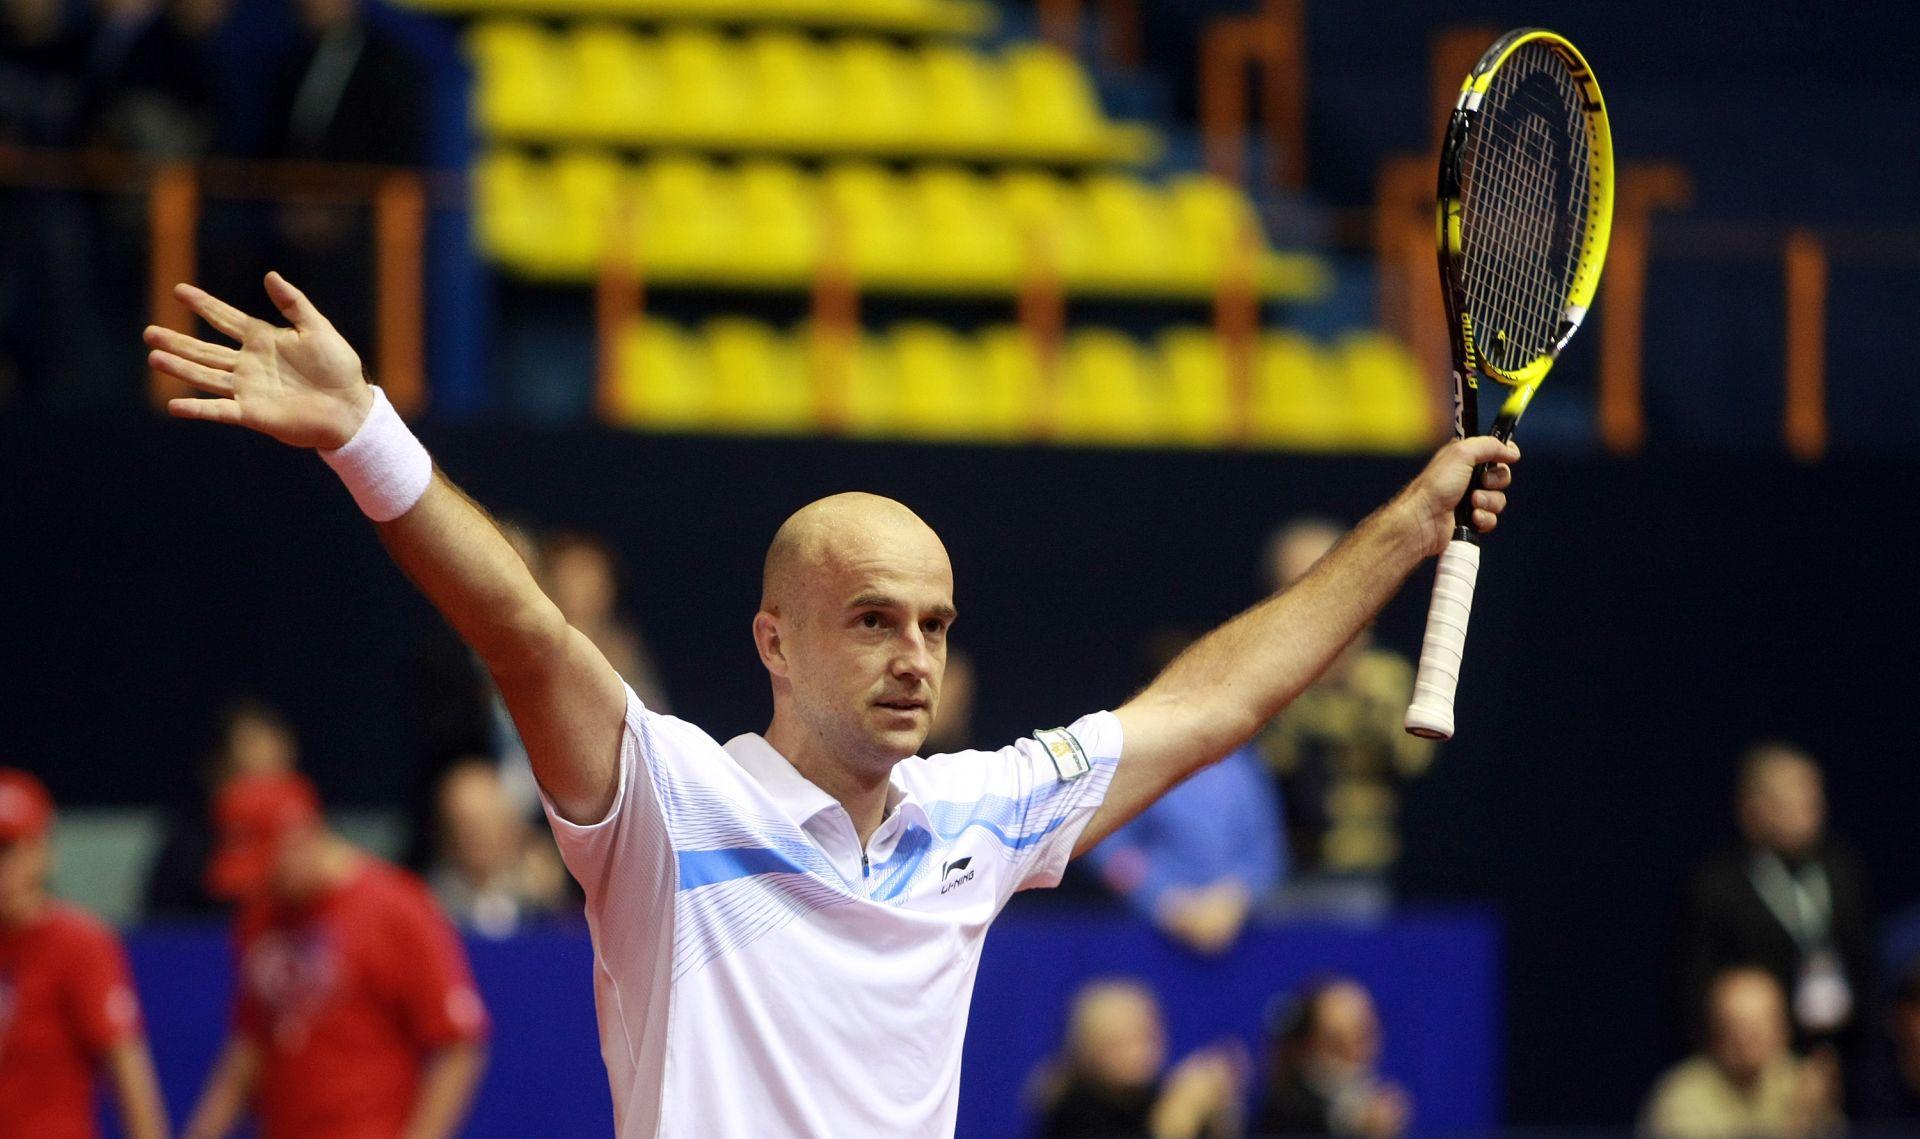 NOVA SURADNJA Roger Federer objavio: Ivan Ljubičić novi je član mog trenerskog tima!